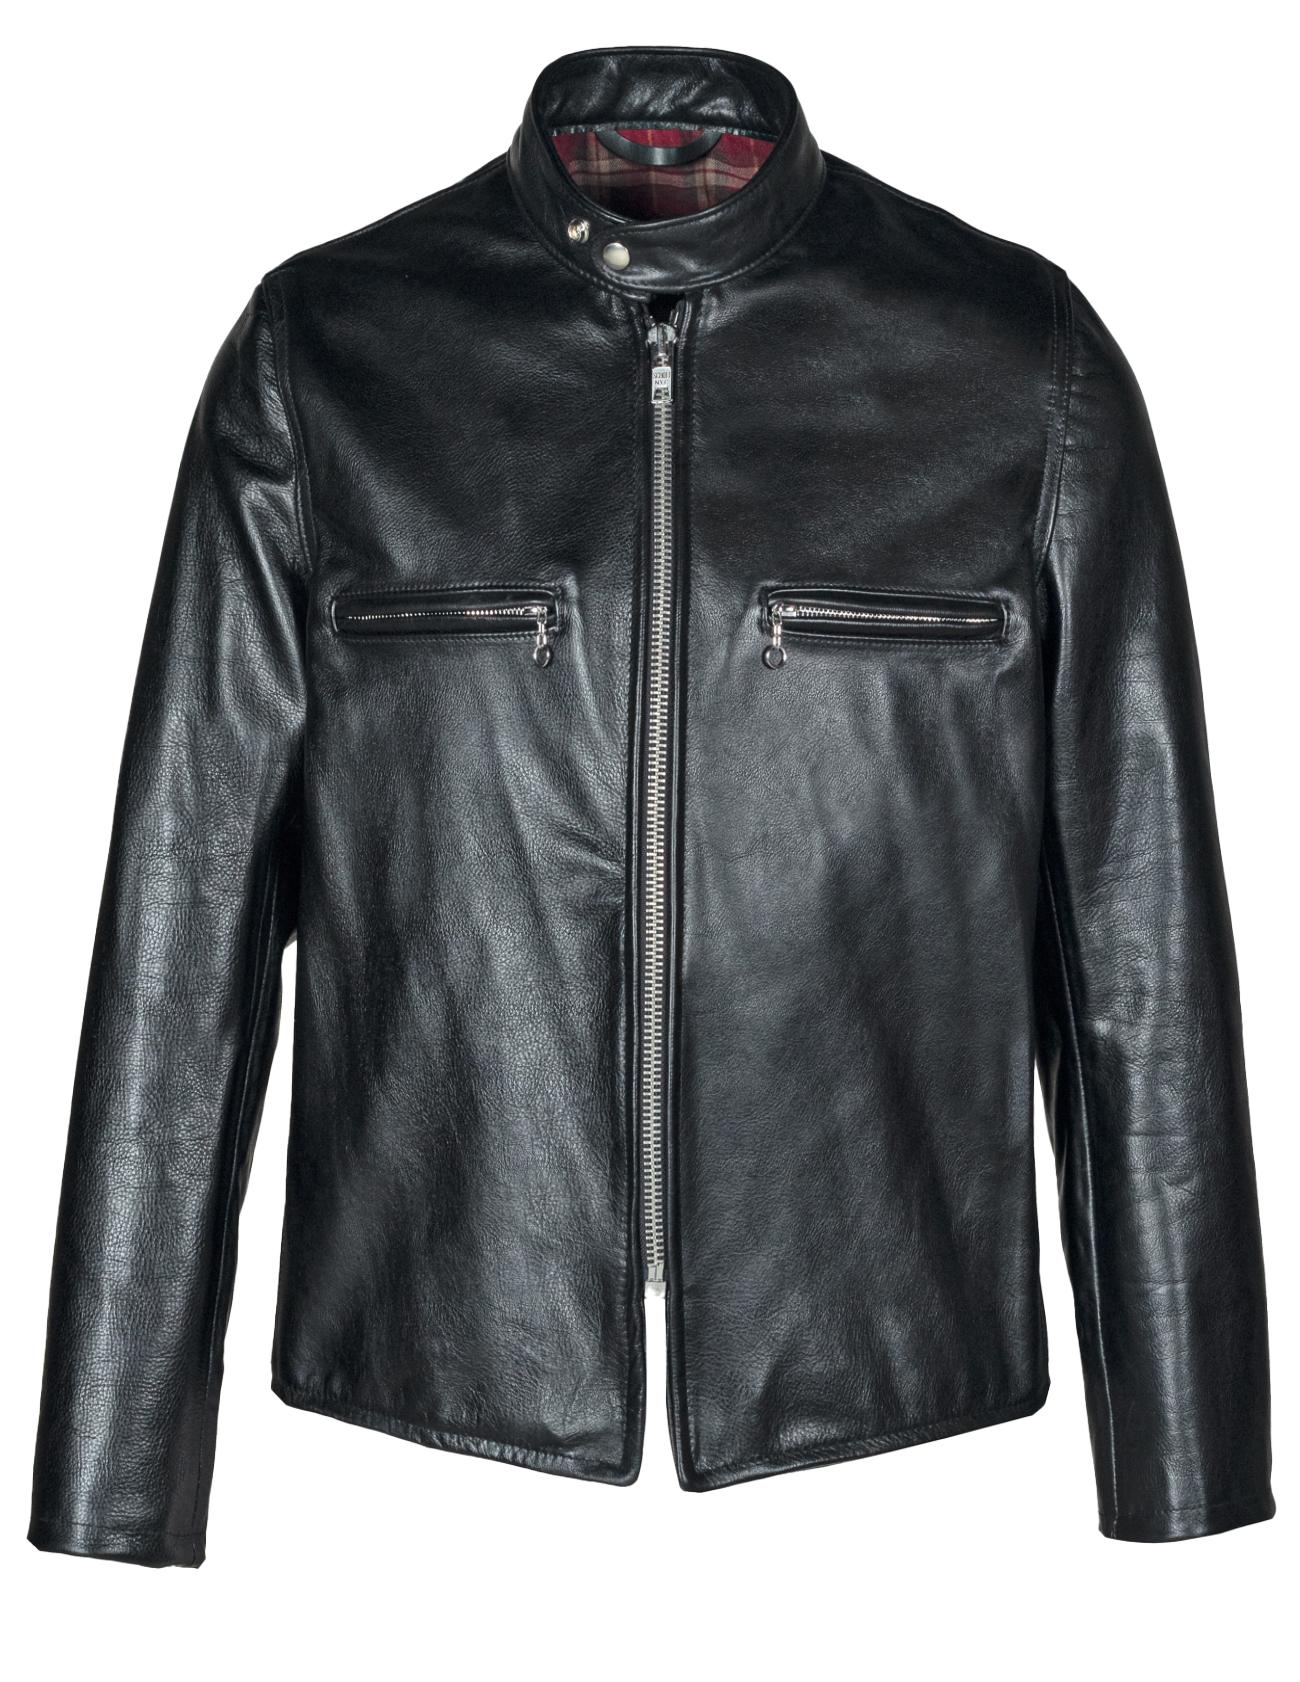 Schott N.Y.C. CAF1 Men's Black Leather Cafe Racer Motorcycle Jacket